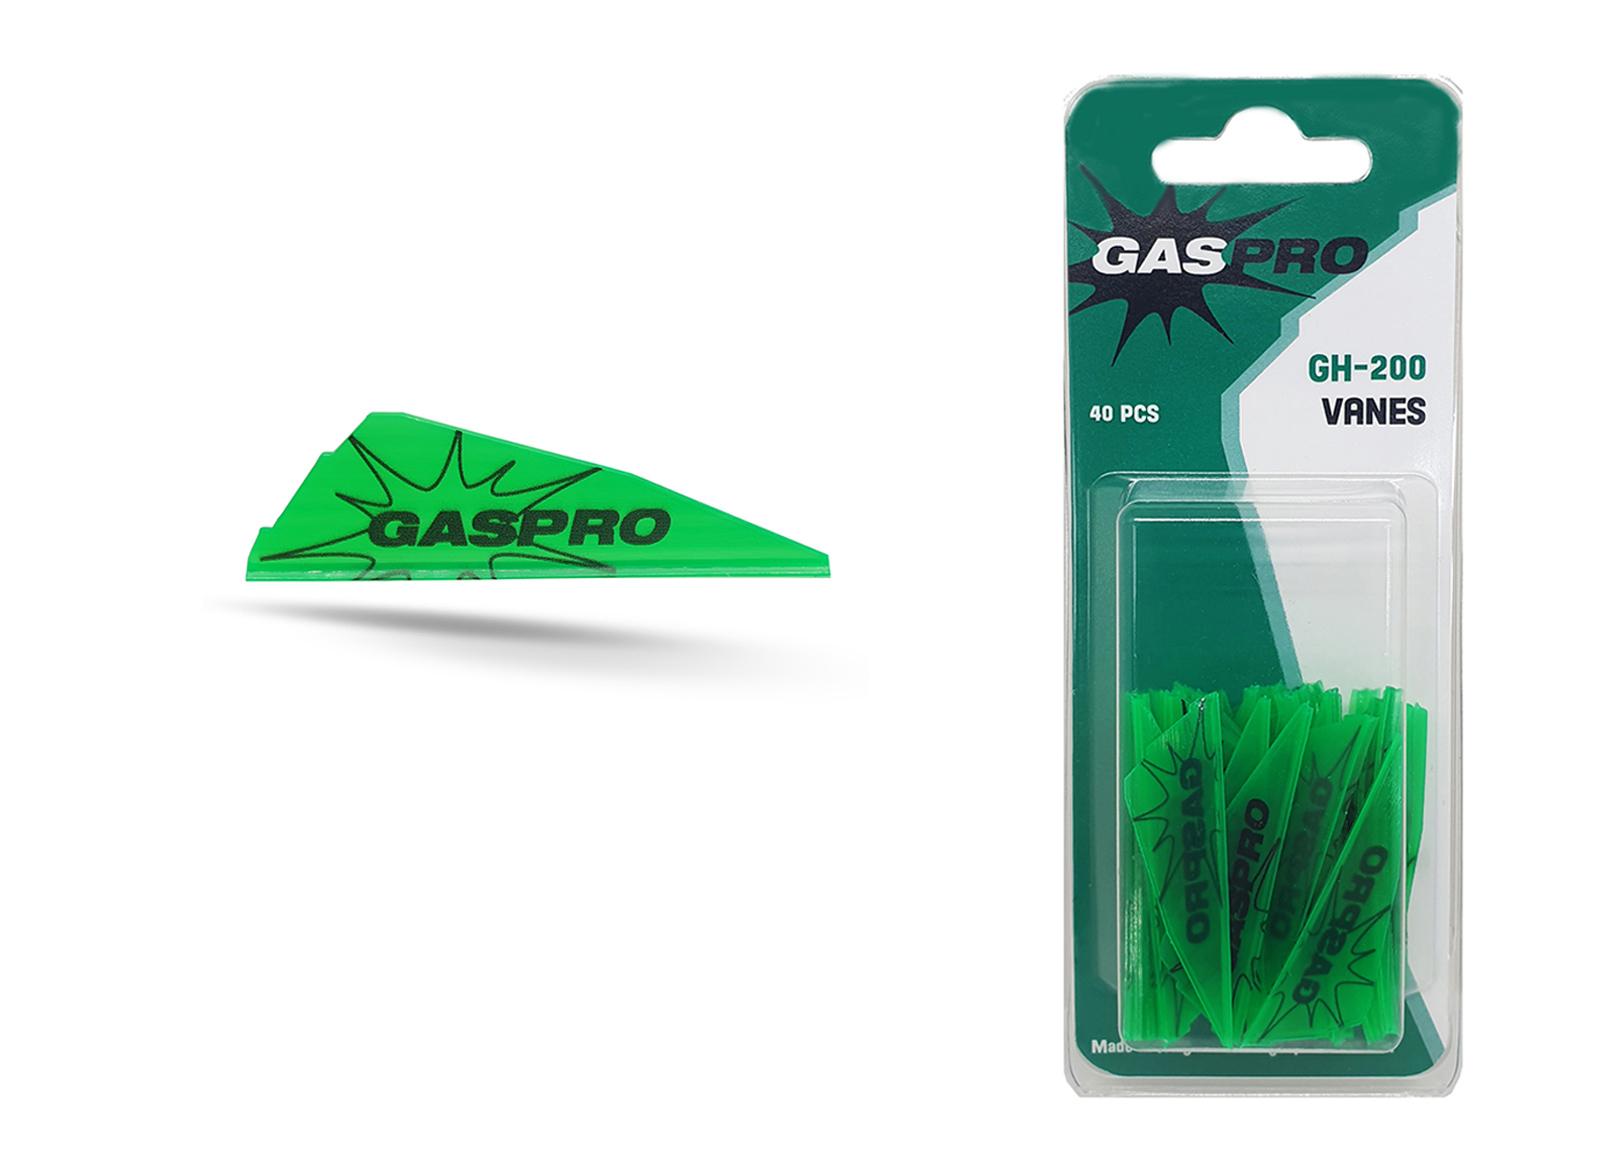 GAS PRO VANES GH-200 40PCS WITHOUT GLUE